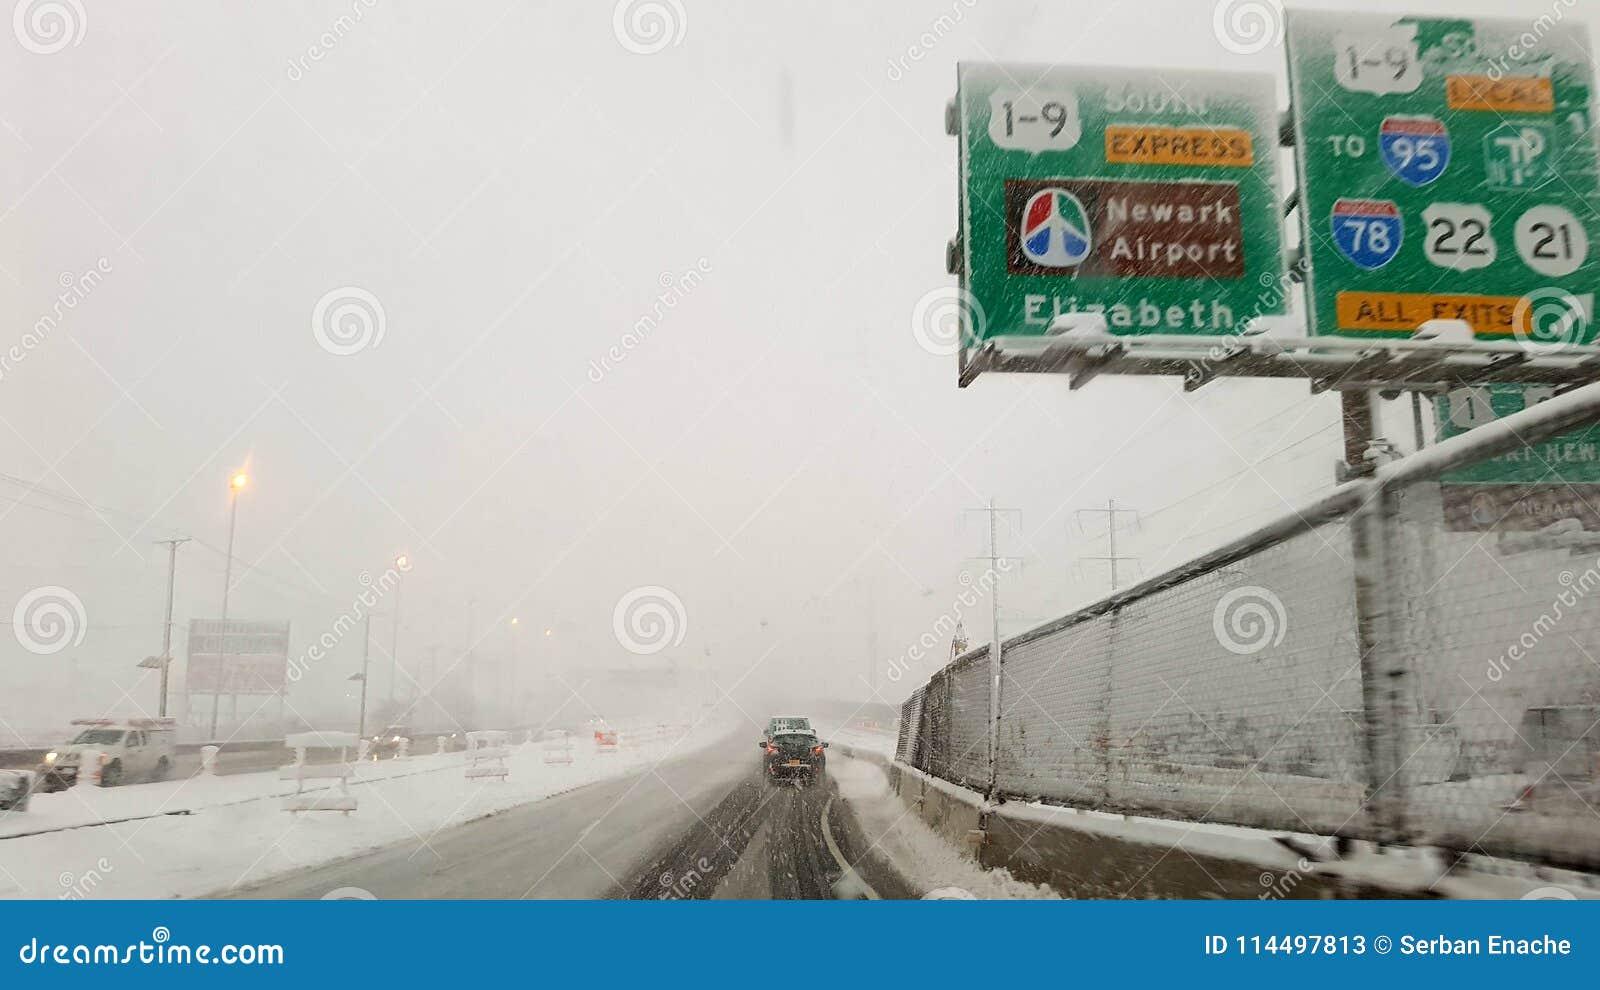 Χειμερινή εθνική οδός στον αερολιμένα του Newark